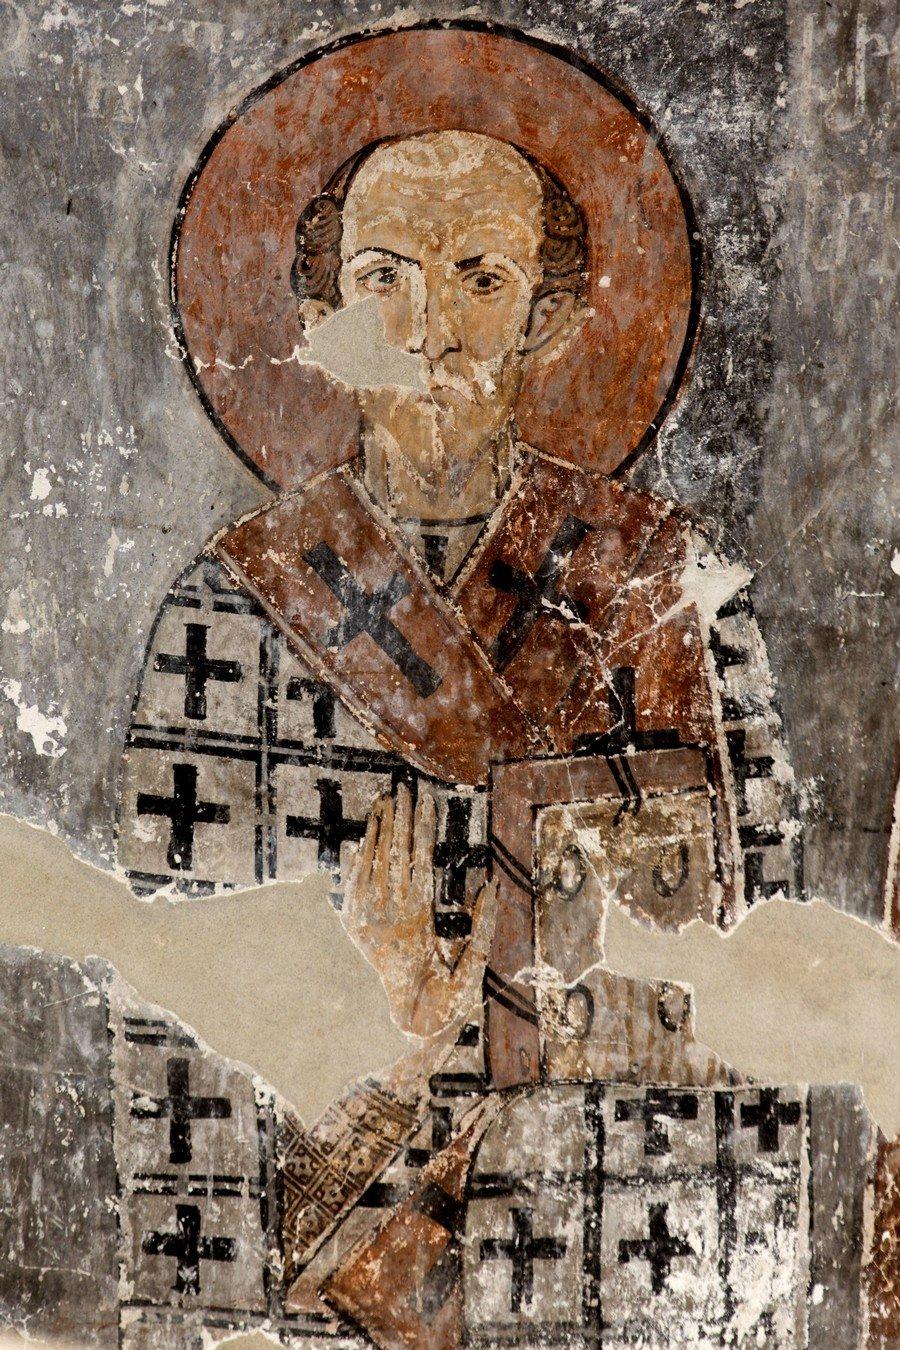 Святитель Иоанн Златоуст. Фреска церкви Архангелов Михаила и Гавриила в Земо Крихи, Грузия.